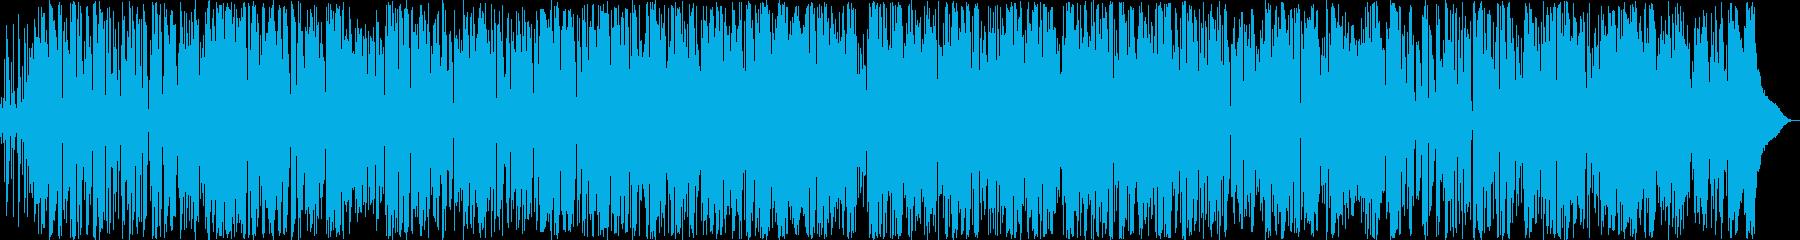 しっとりギターのおしゃれボサノバの再生済みの波形